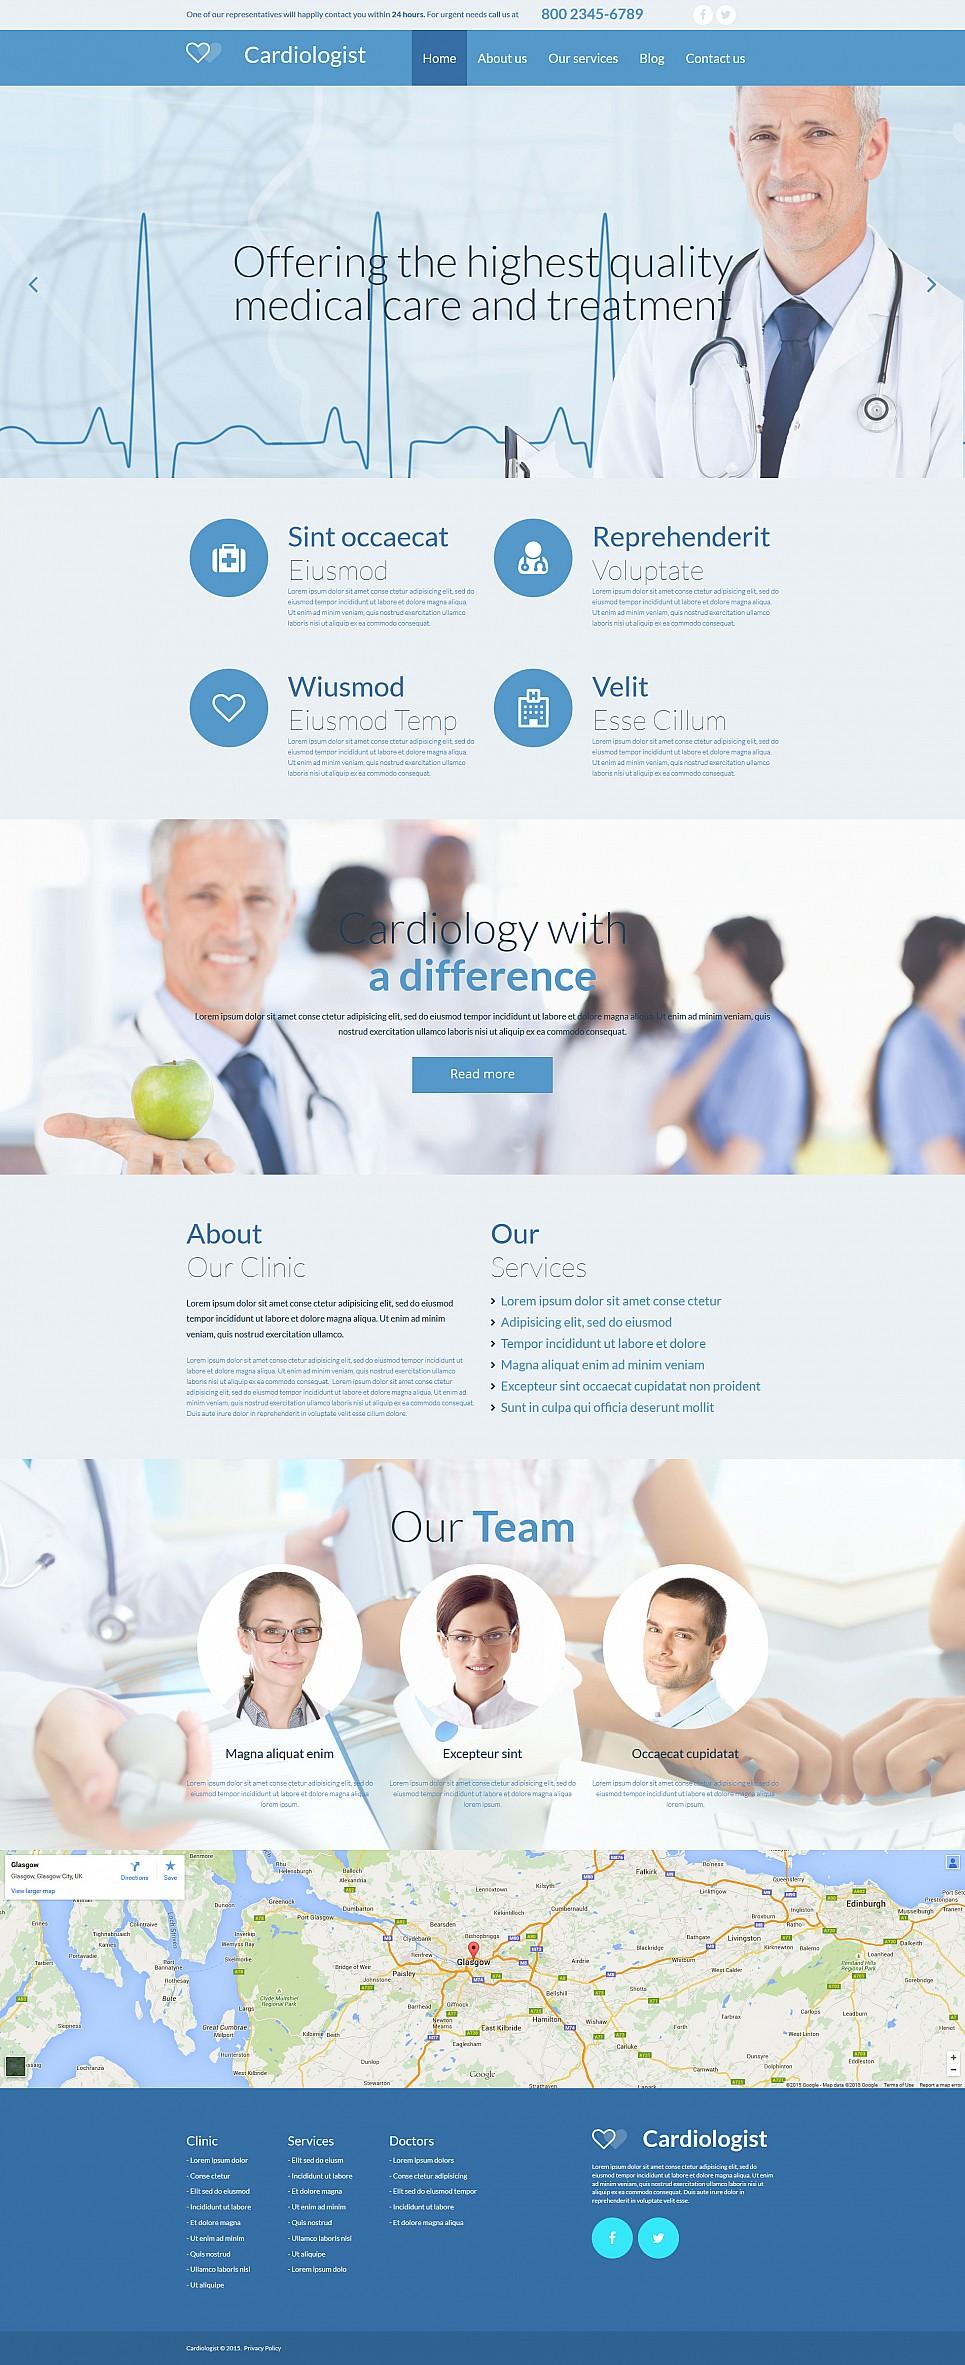 Сайт-визитка для кардиологической клиники - image